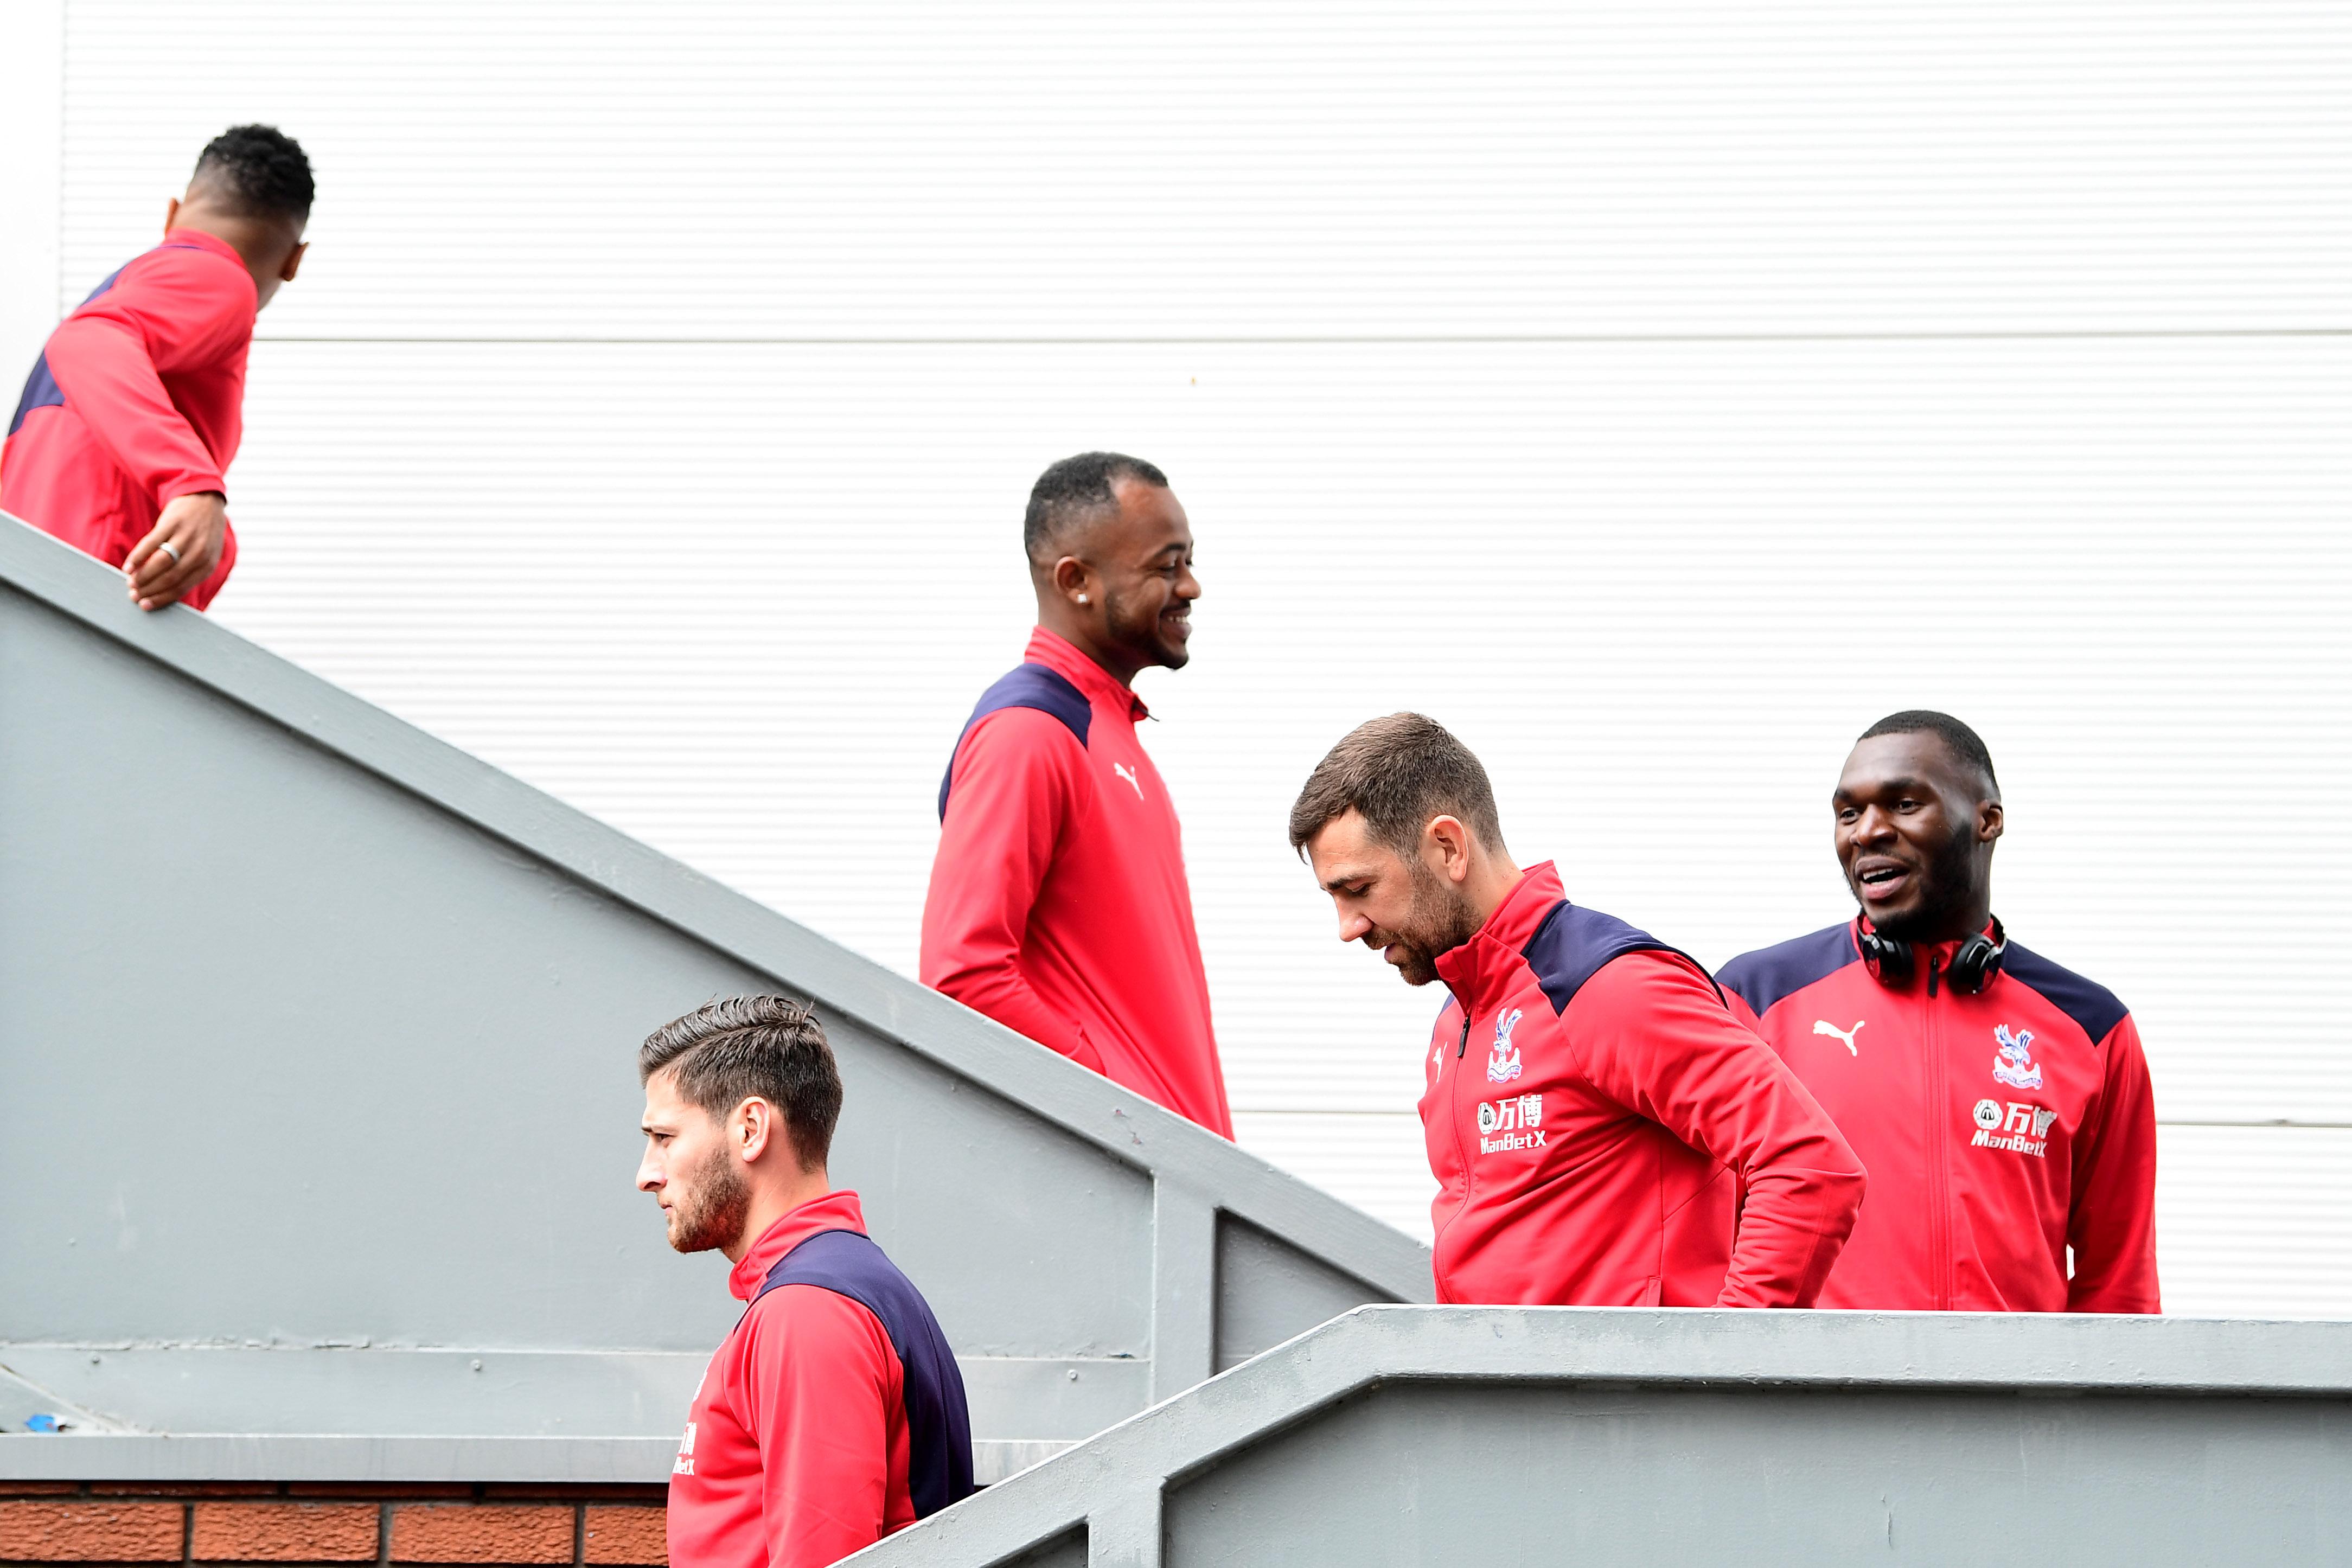 Jugadores del Crystal Palace bajando unas escaleras